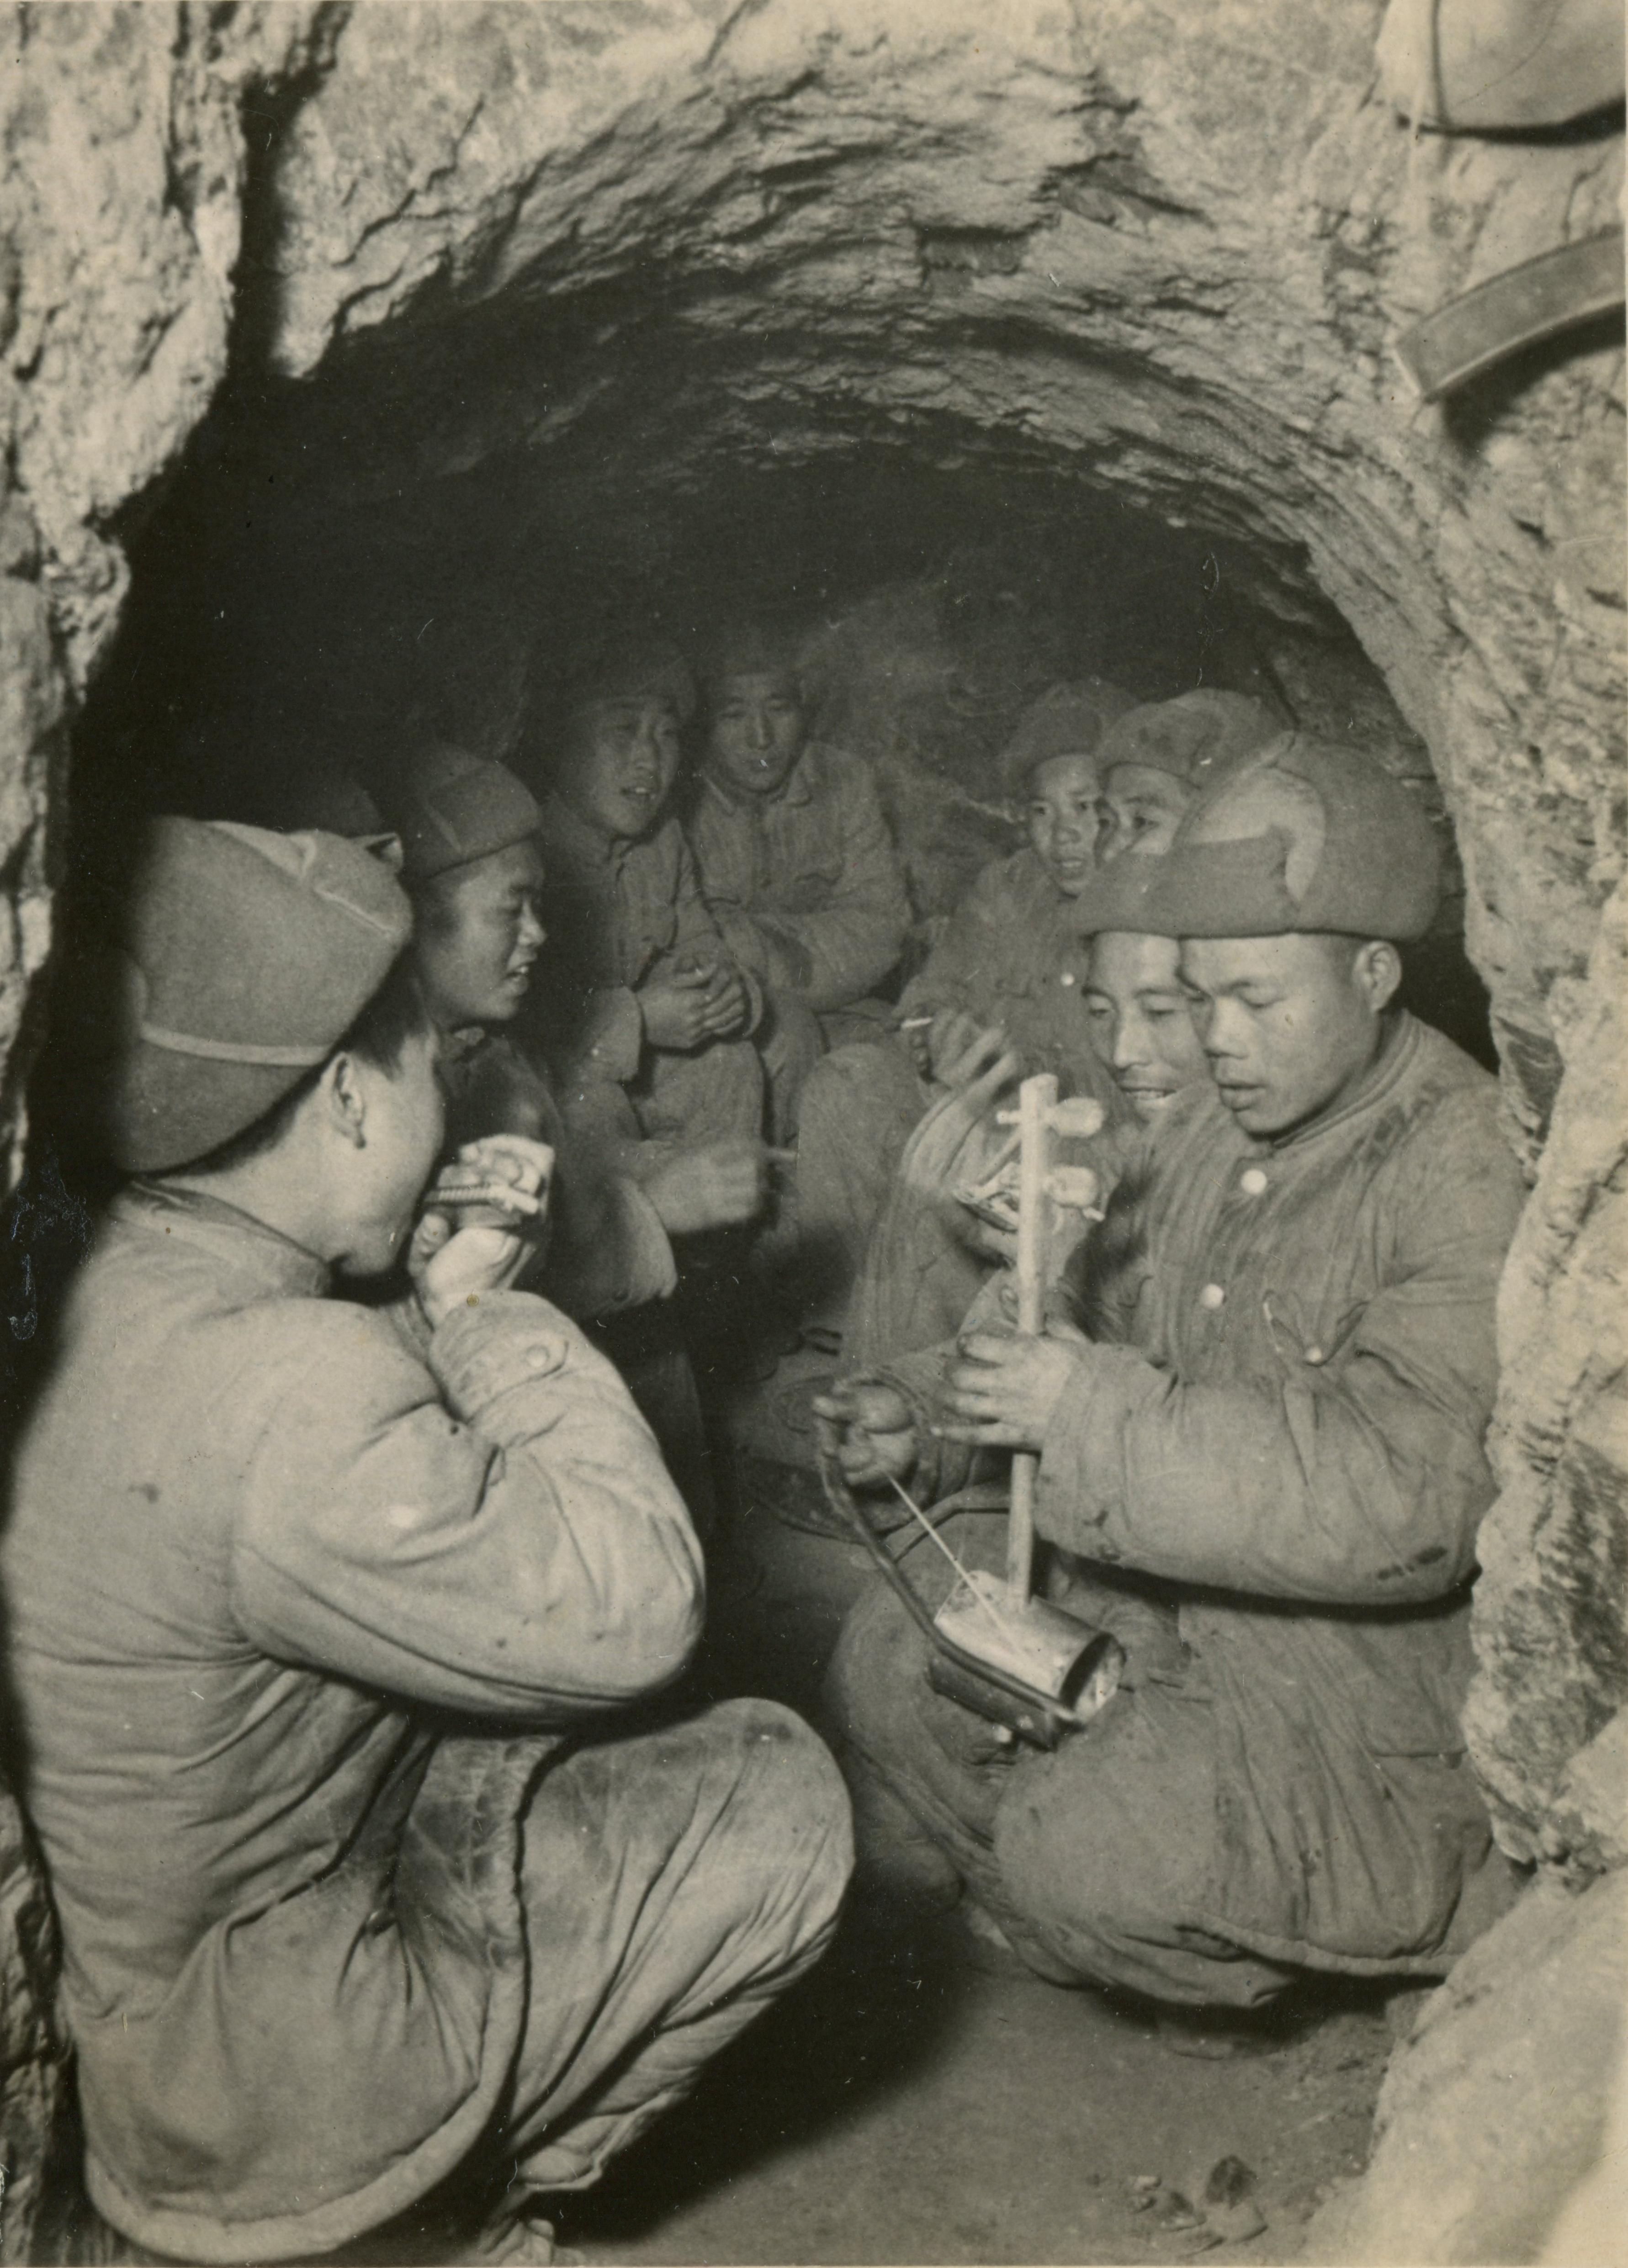 1952年03月24日,志願軍戰士在休息時盡情歌唱作樂。(資料圖片)